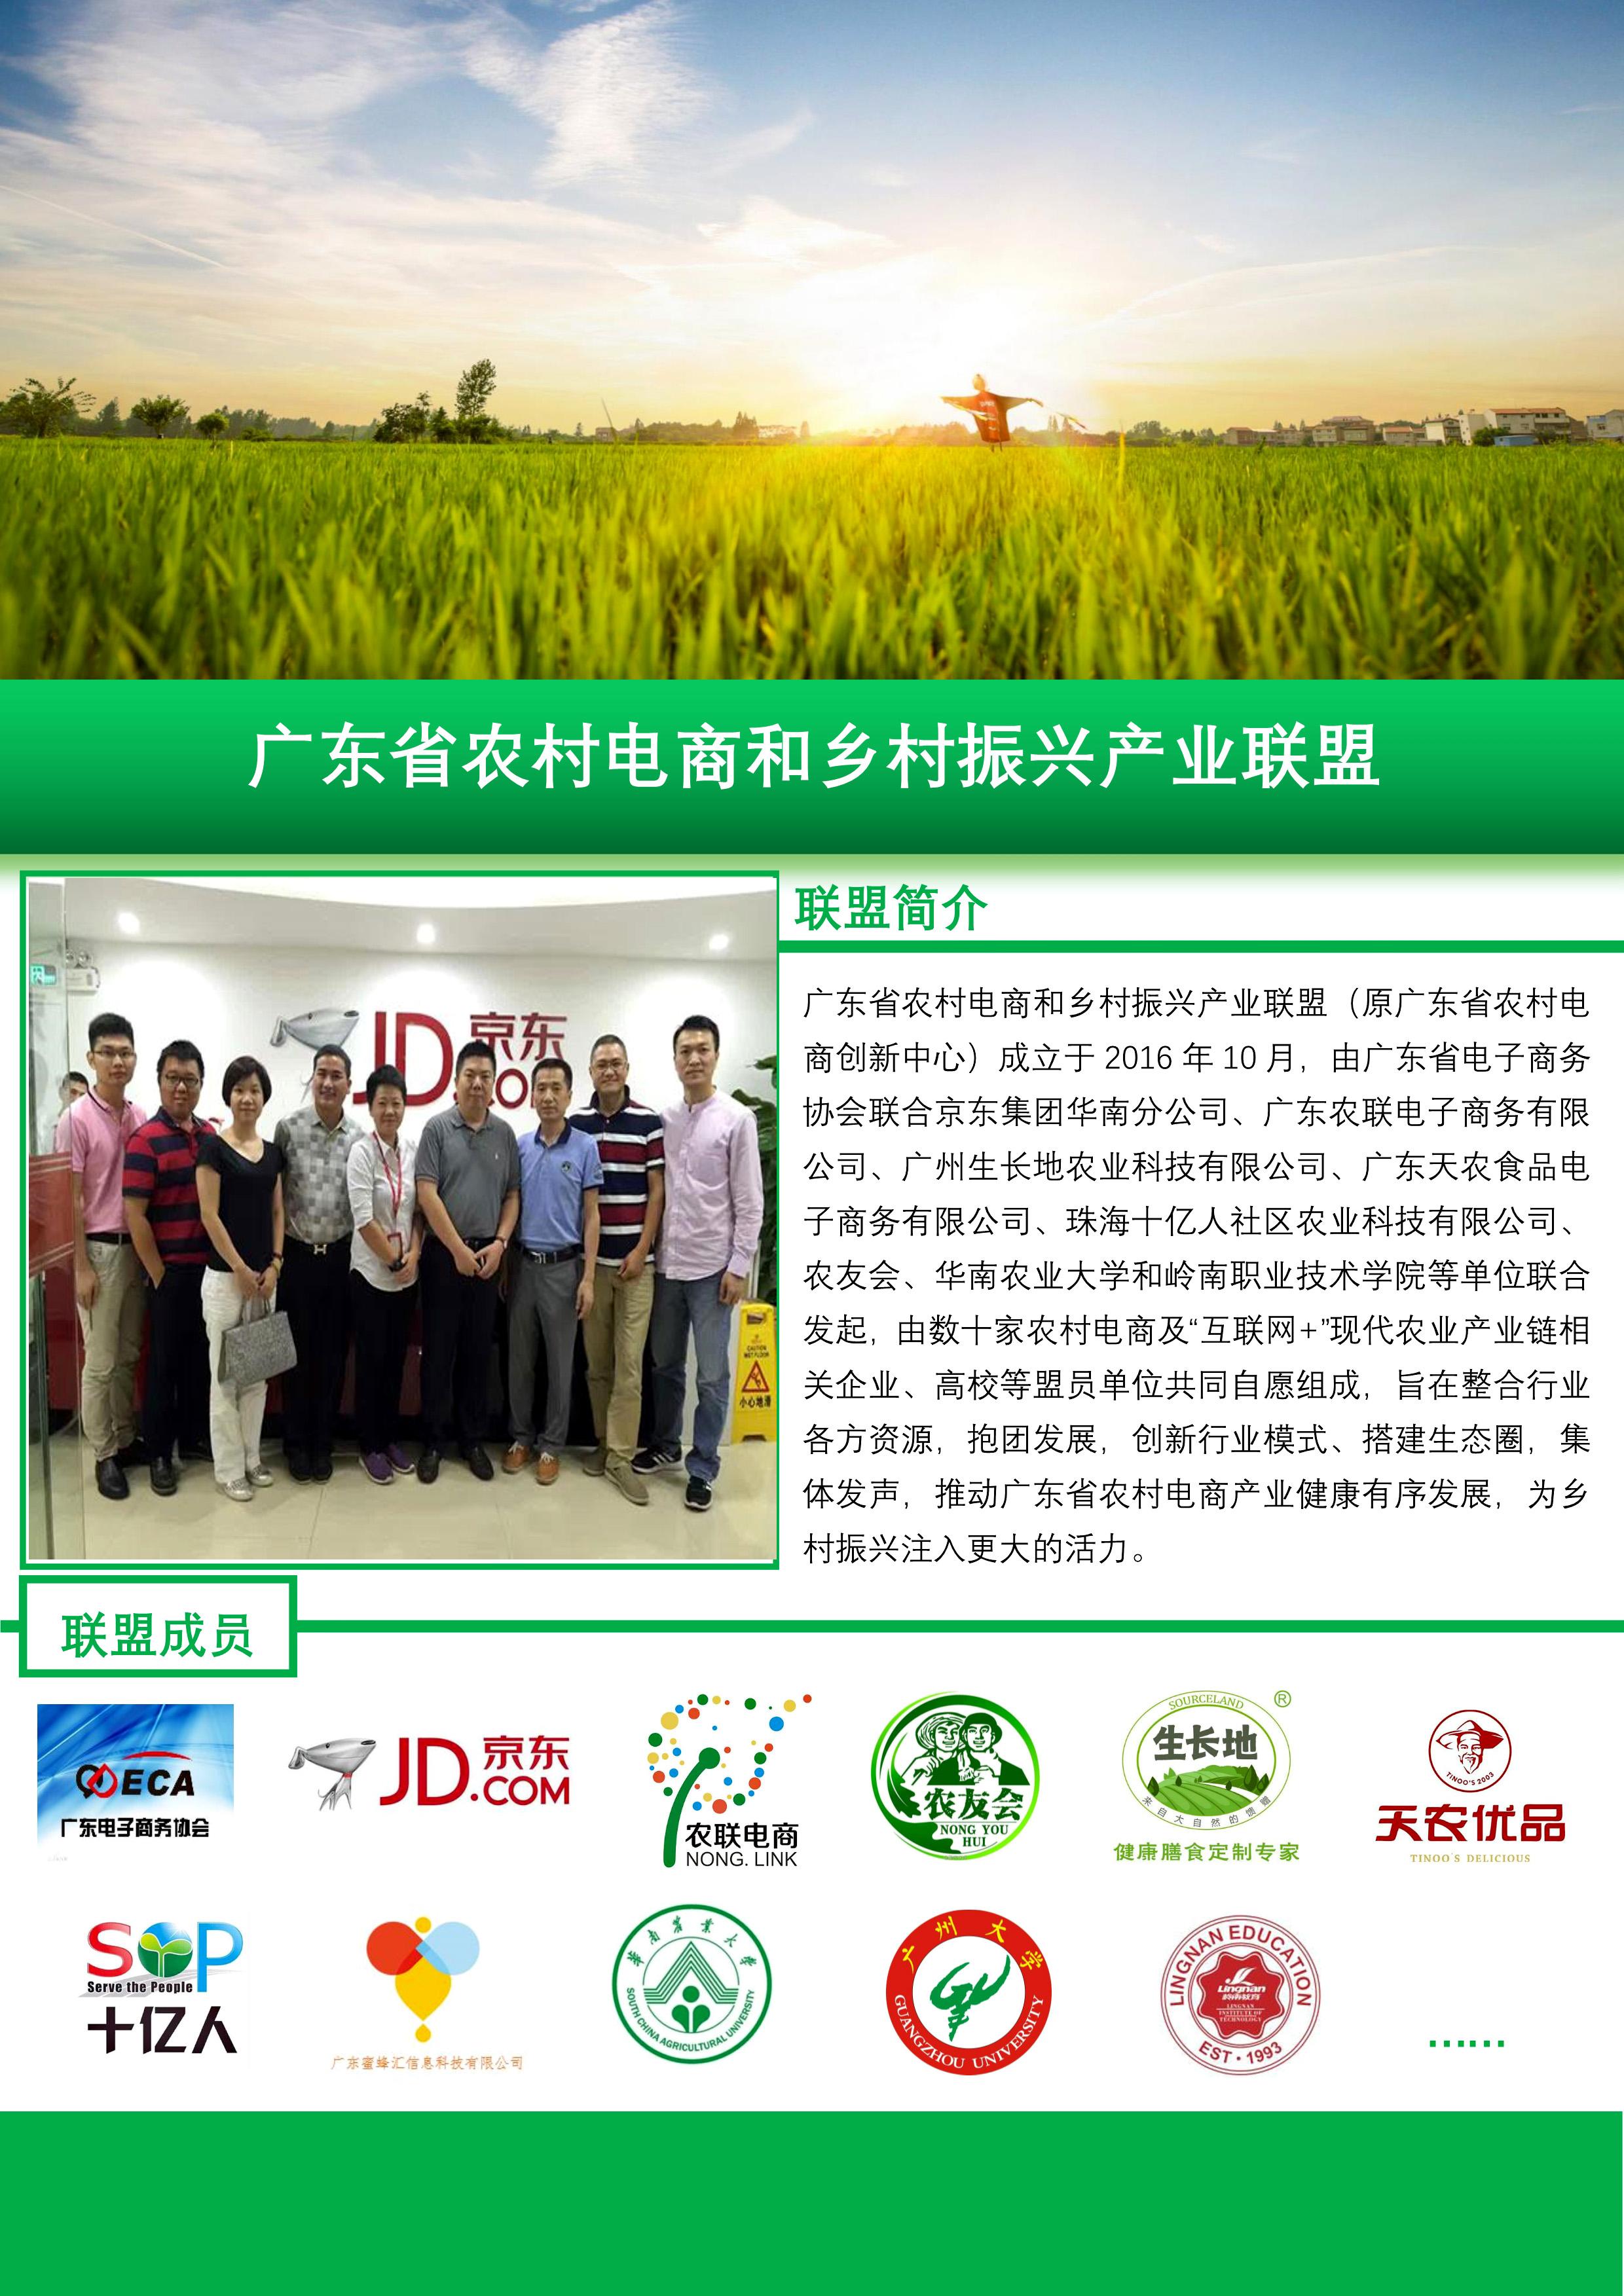 广东省农村电商和乡村振兴产业联盟_1